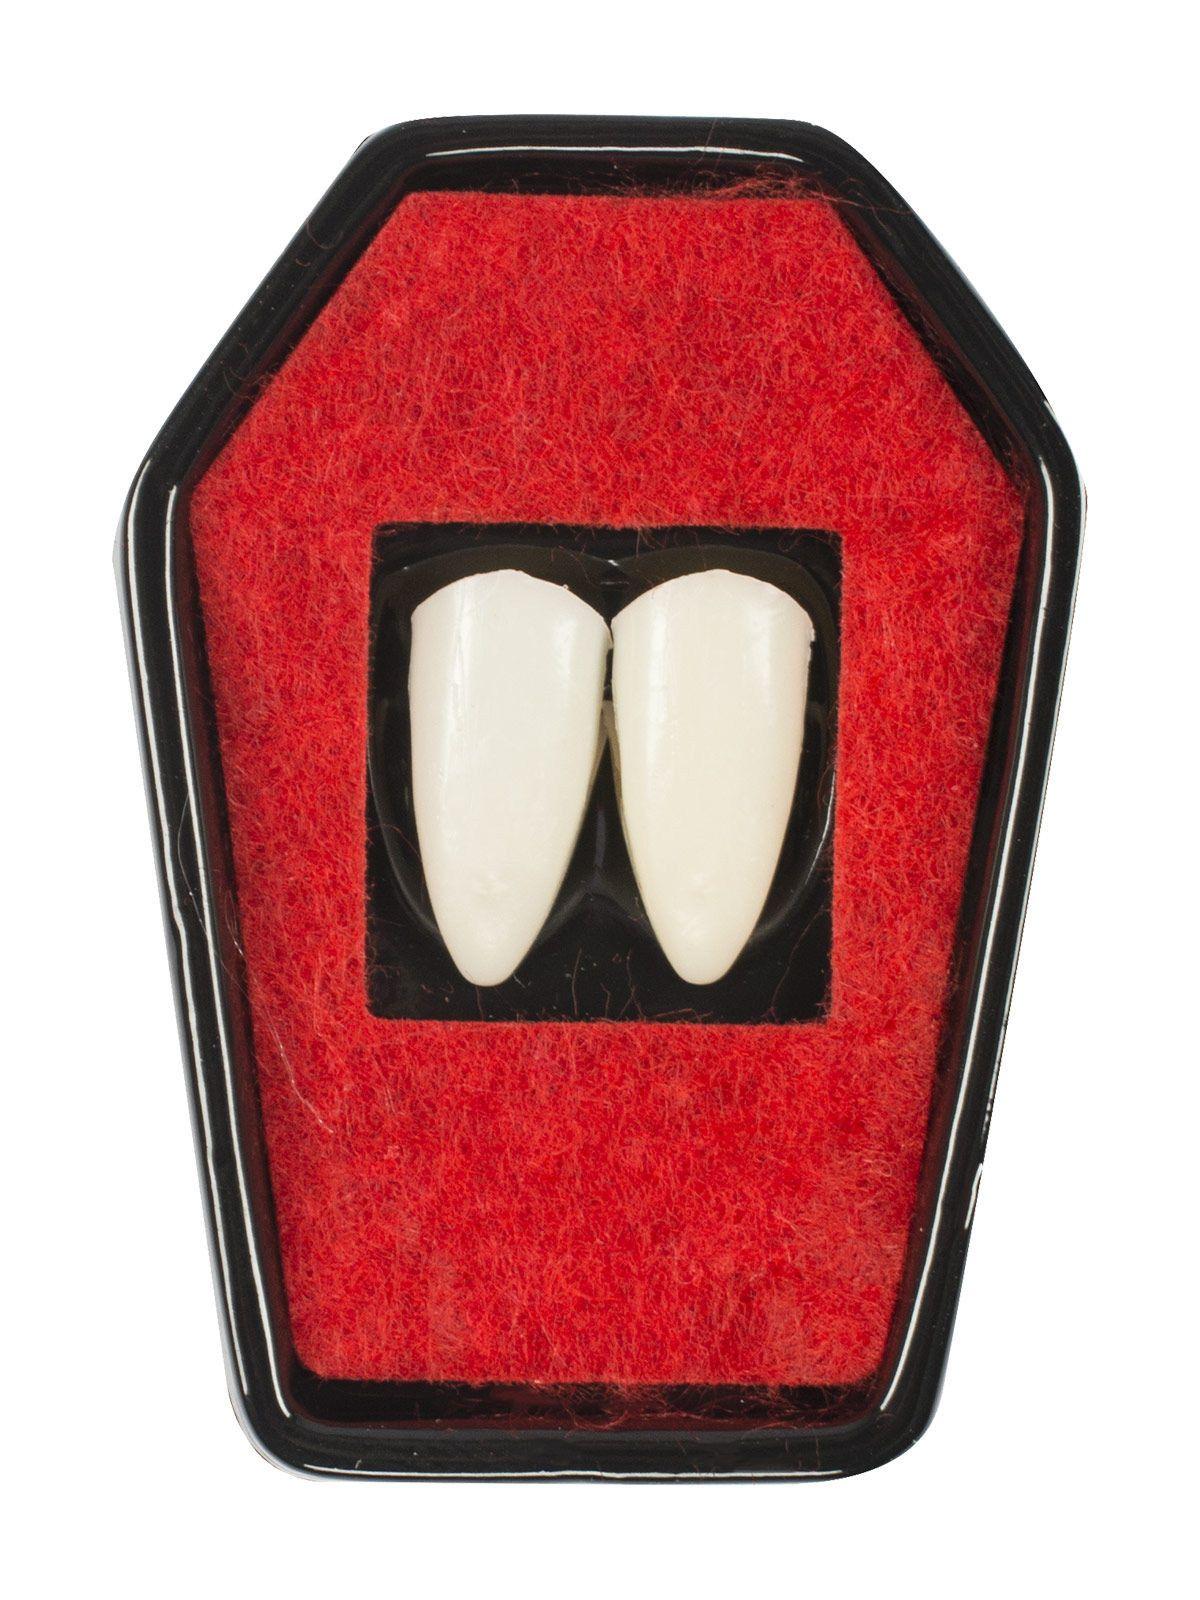 Grabstein Vampir Aufsteckzähne weiss, aus unserer Kategorie Vampirzähne. Diese Beißer sind ideal für Vampire, Schmusekätzchen und Werwölfe Kombiniert mit etwas Kunstblut machen diese Zähne jedes Gruseloutfit perfekt. So können Sie ihr schönstes Lächeln zeigen und sind dennoch eine echte Gruselgestalt.